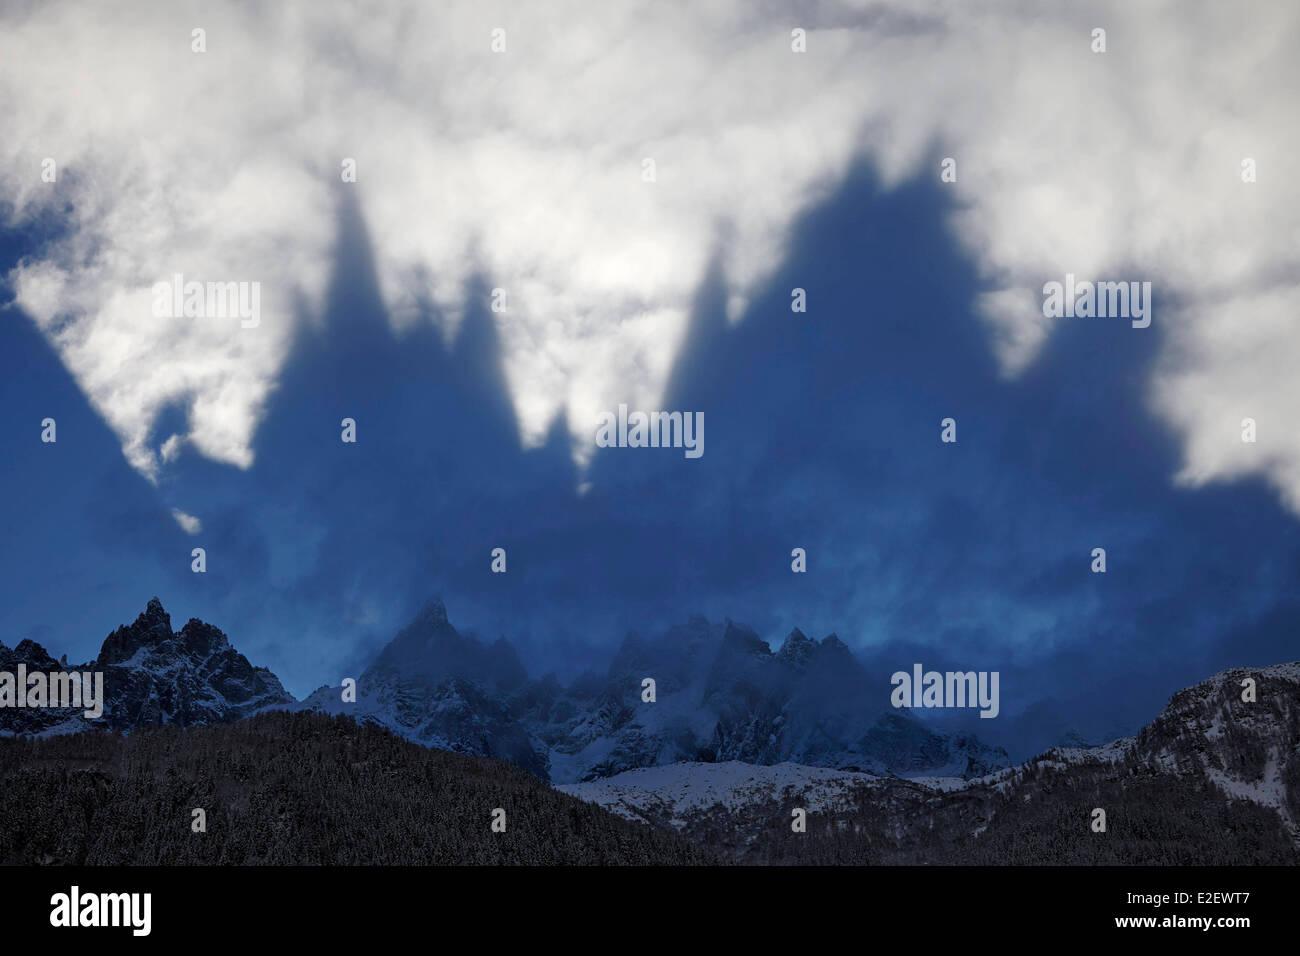 France, Haute Savoie, reflexion of the Aiguilles de Chamonix on the below clouds, Mont Blanc Massif - Stock Image